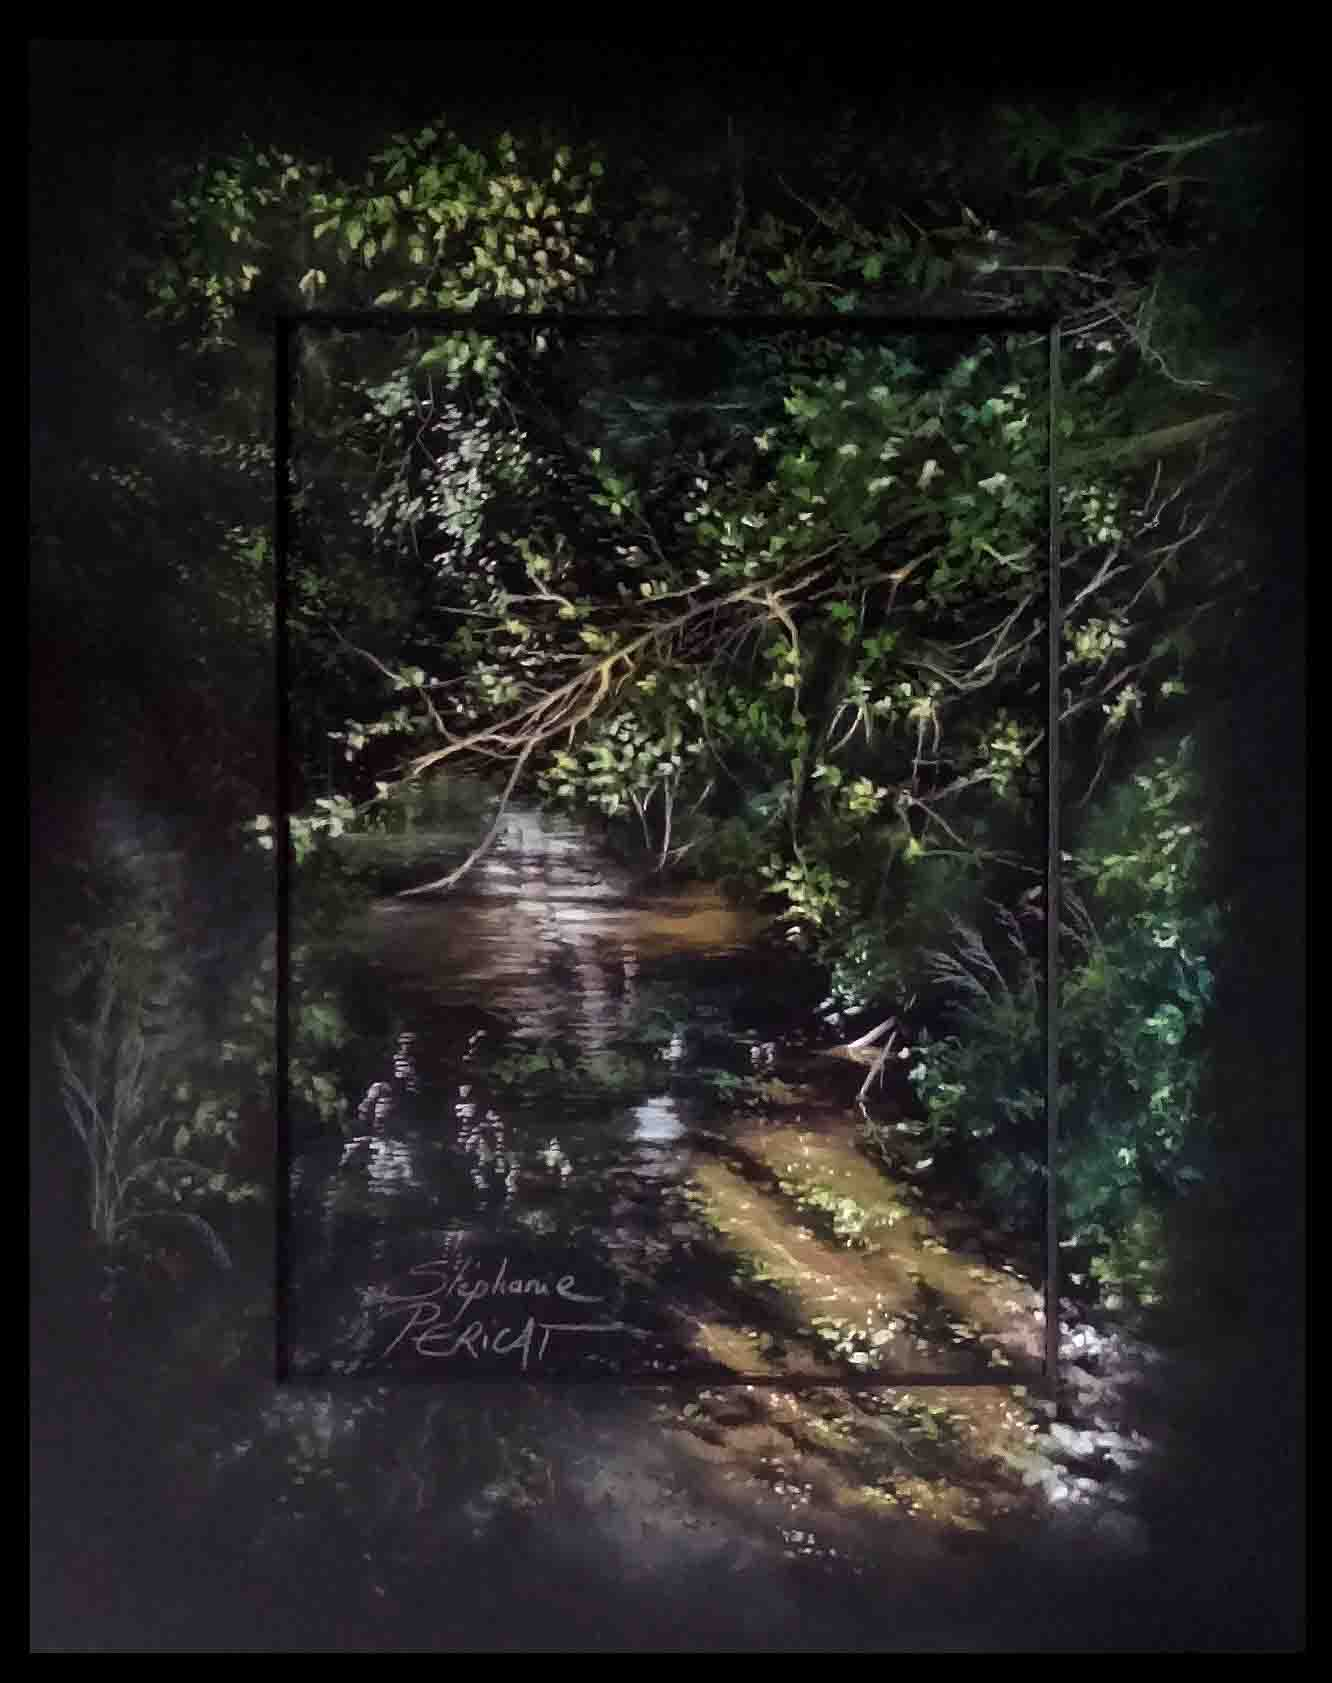 rivière l'ay à bretteville sur ay - pastel sec (soft pastel) - 24x30cm